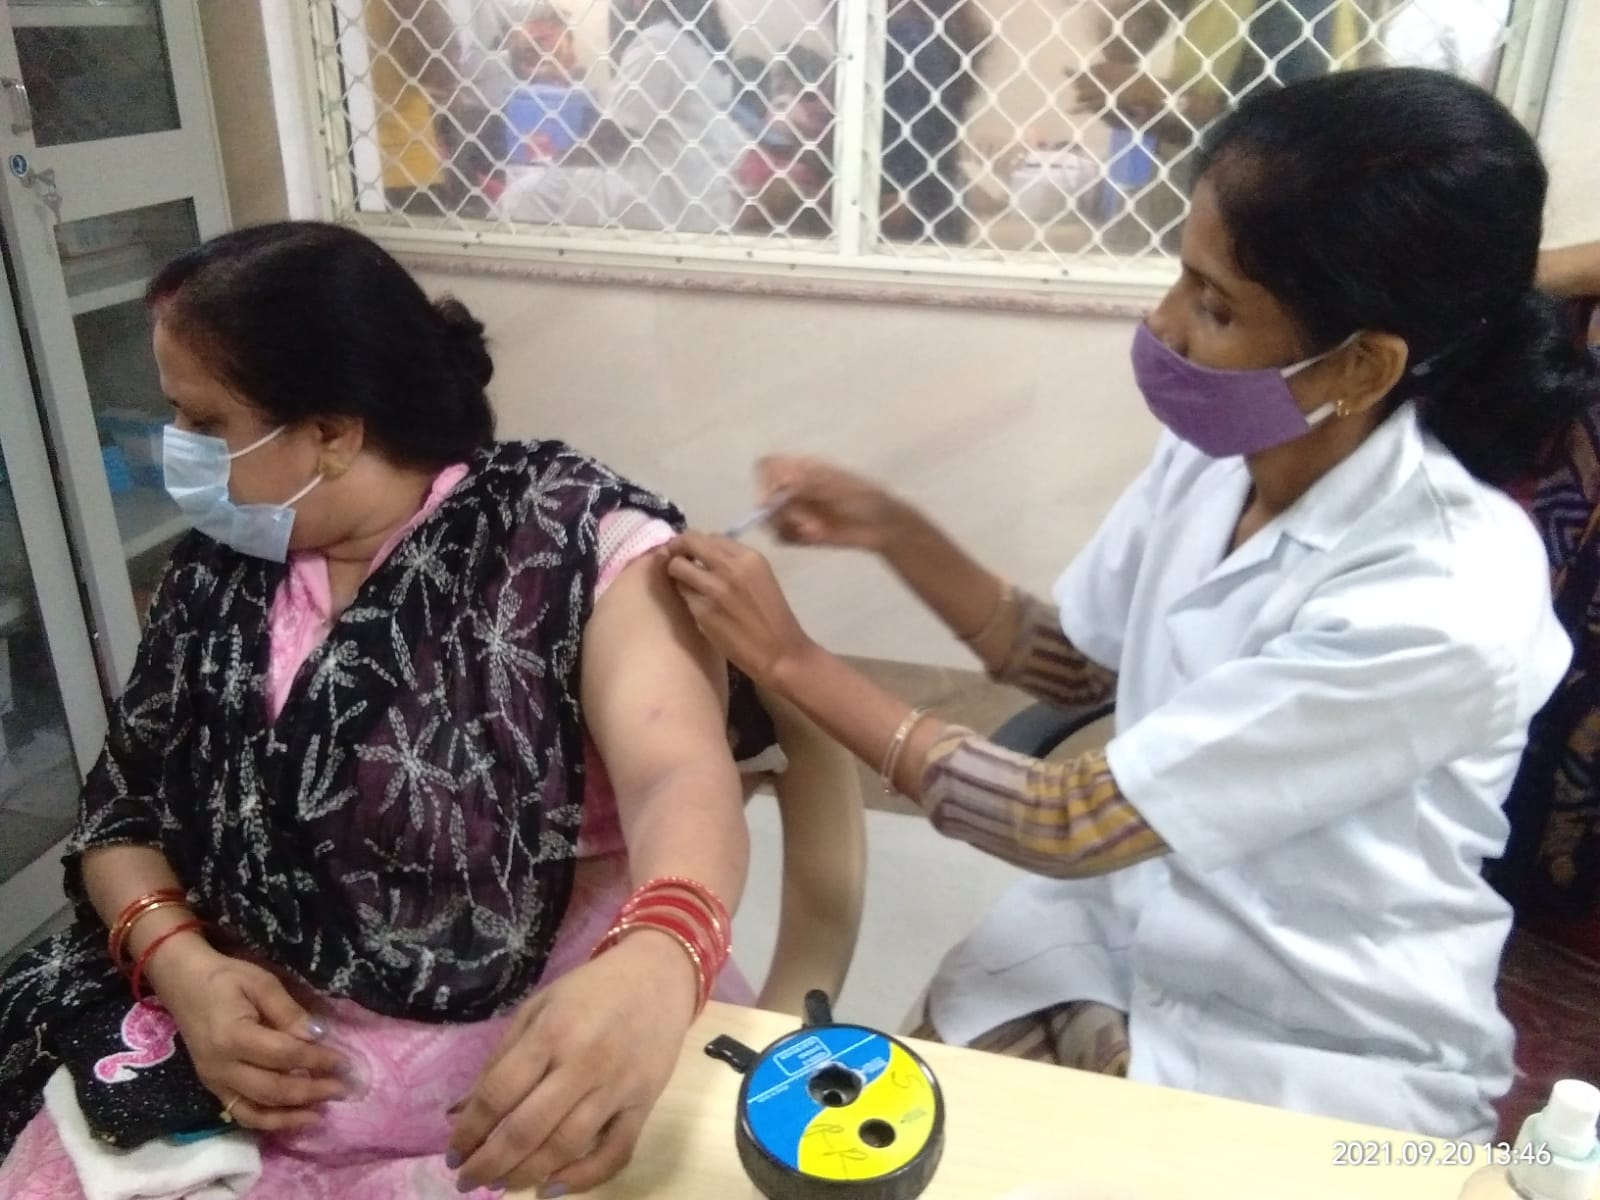 प्रयागराज के कई सेंटर्स में लग रही कोरोना वैक्सीन।